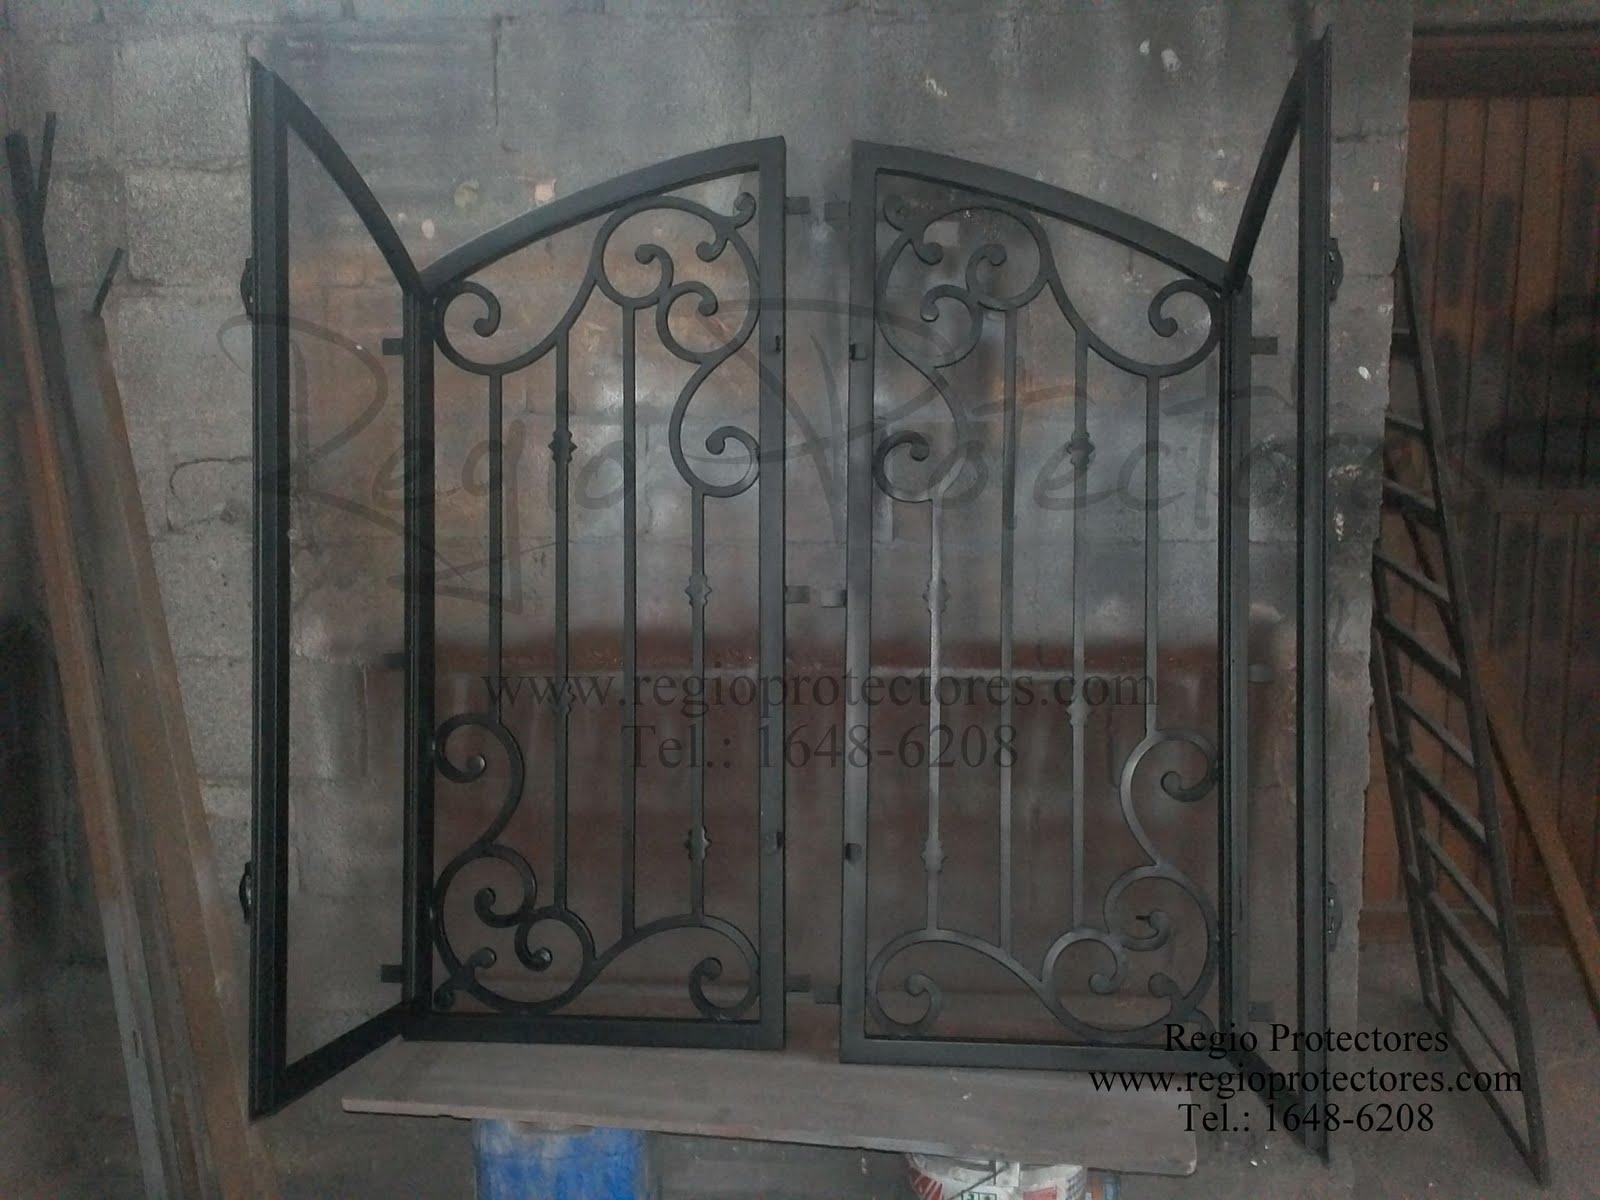 Insertos de hierro forjado para puerta de madera, Celaya, Gto.